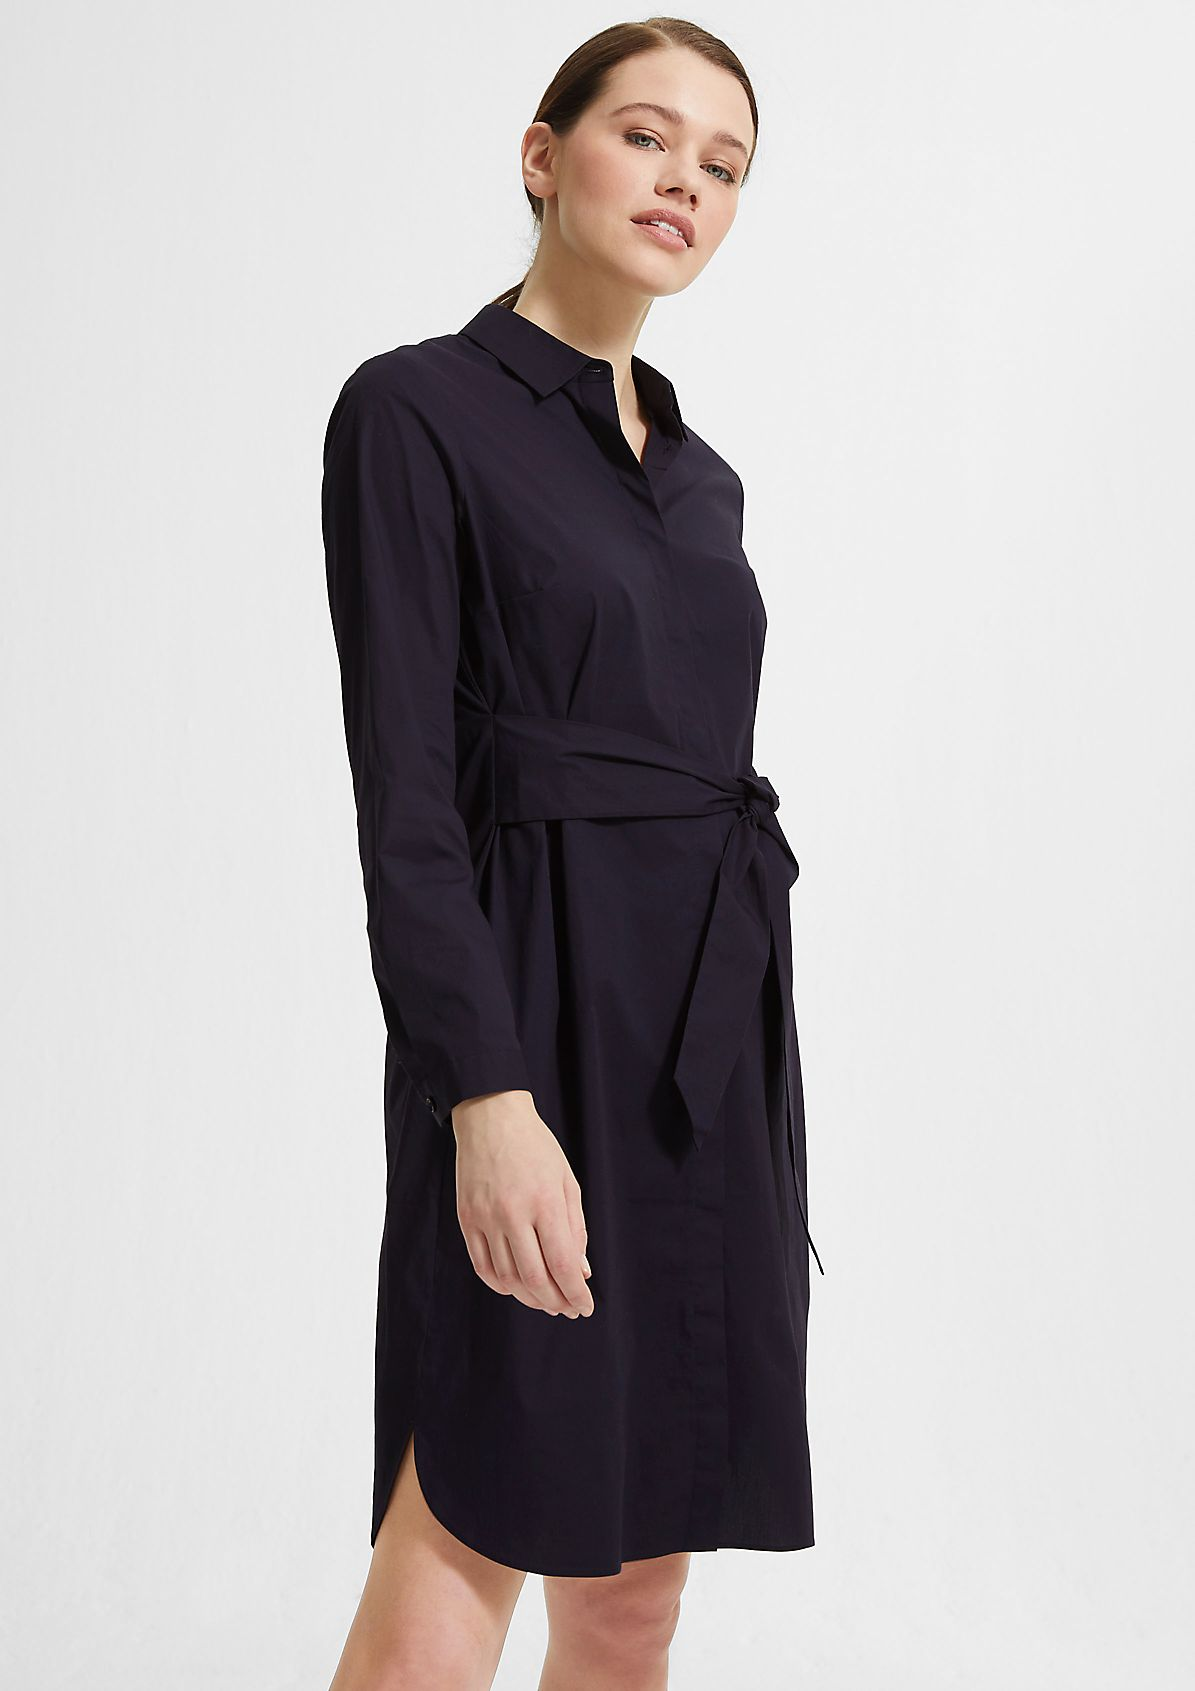 Poplin dress with a tie-around belt from comma